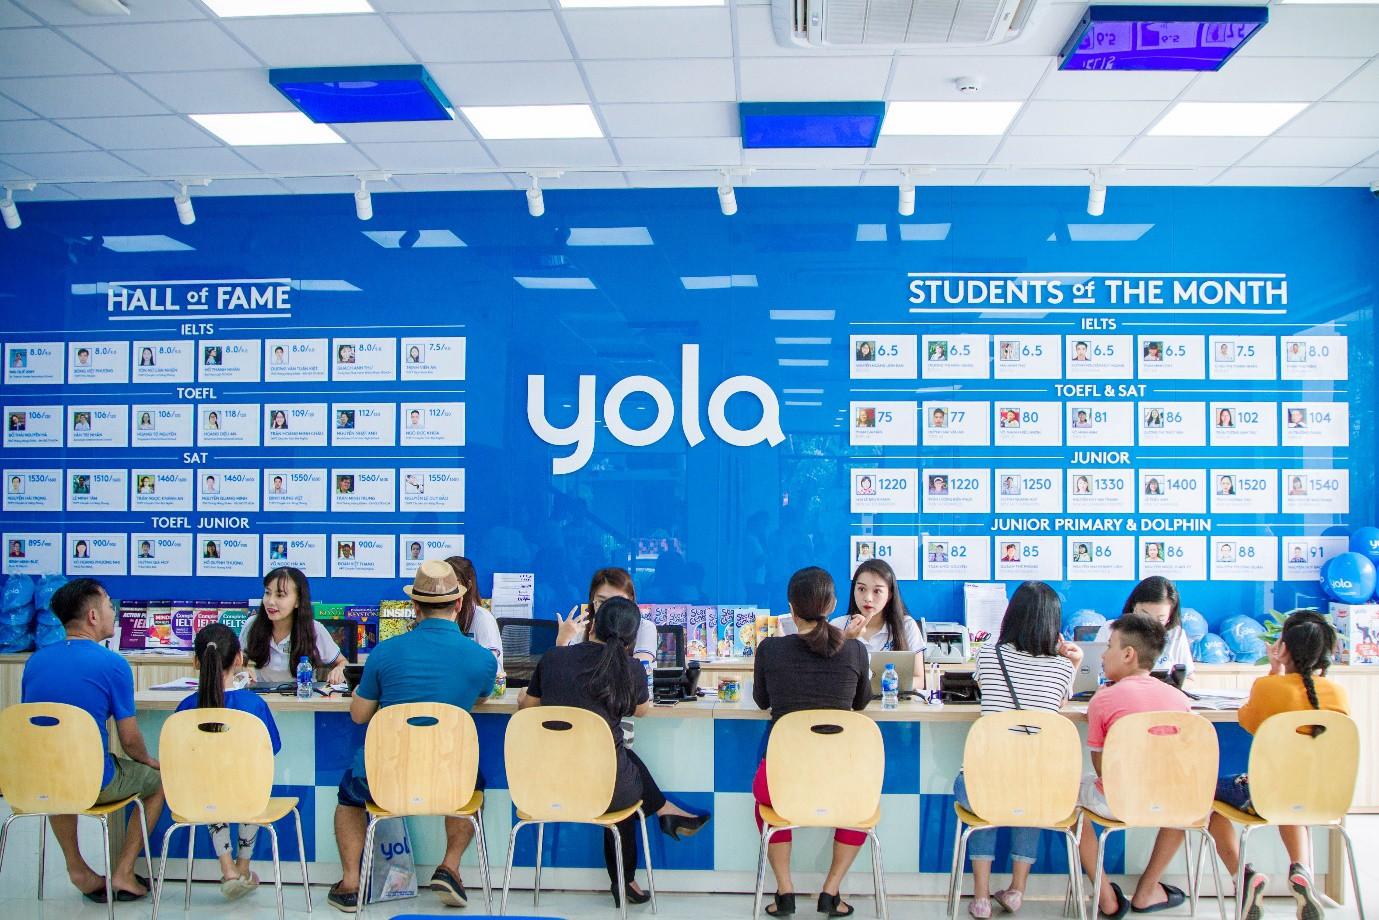 Trung tâm luyện thi IELTS YOLA - Khai phòng tiềm năng thế hệ trẻ